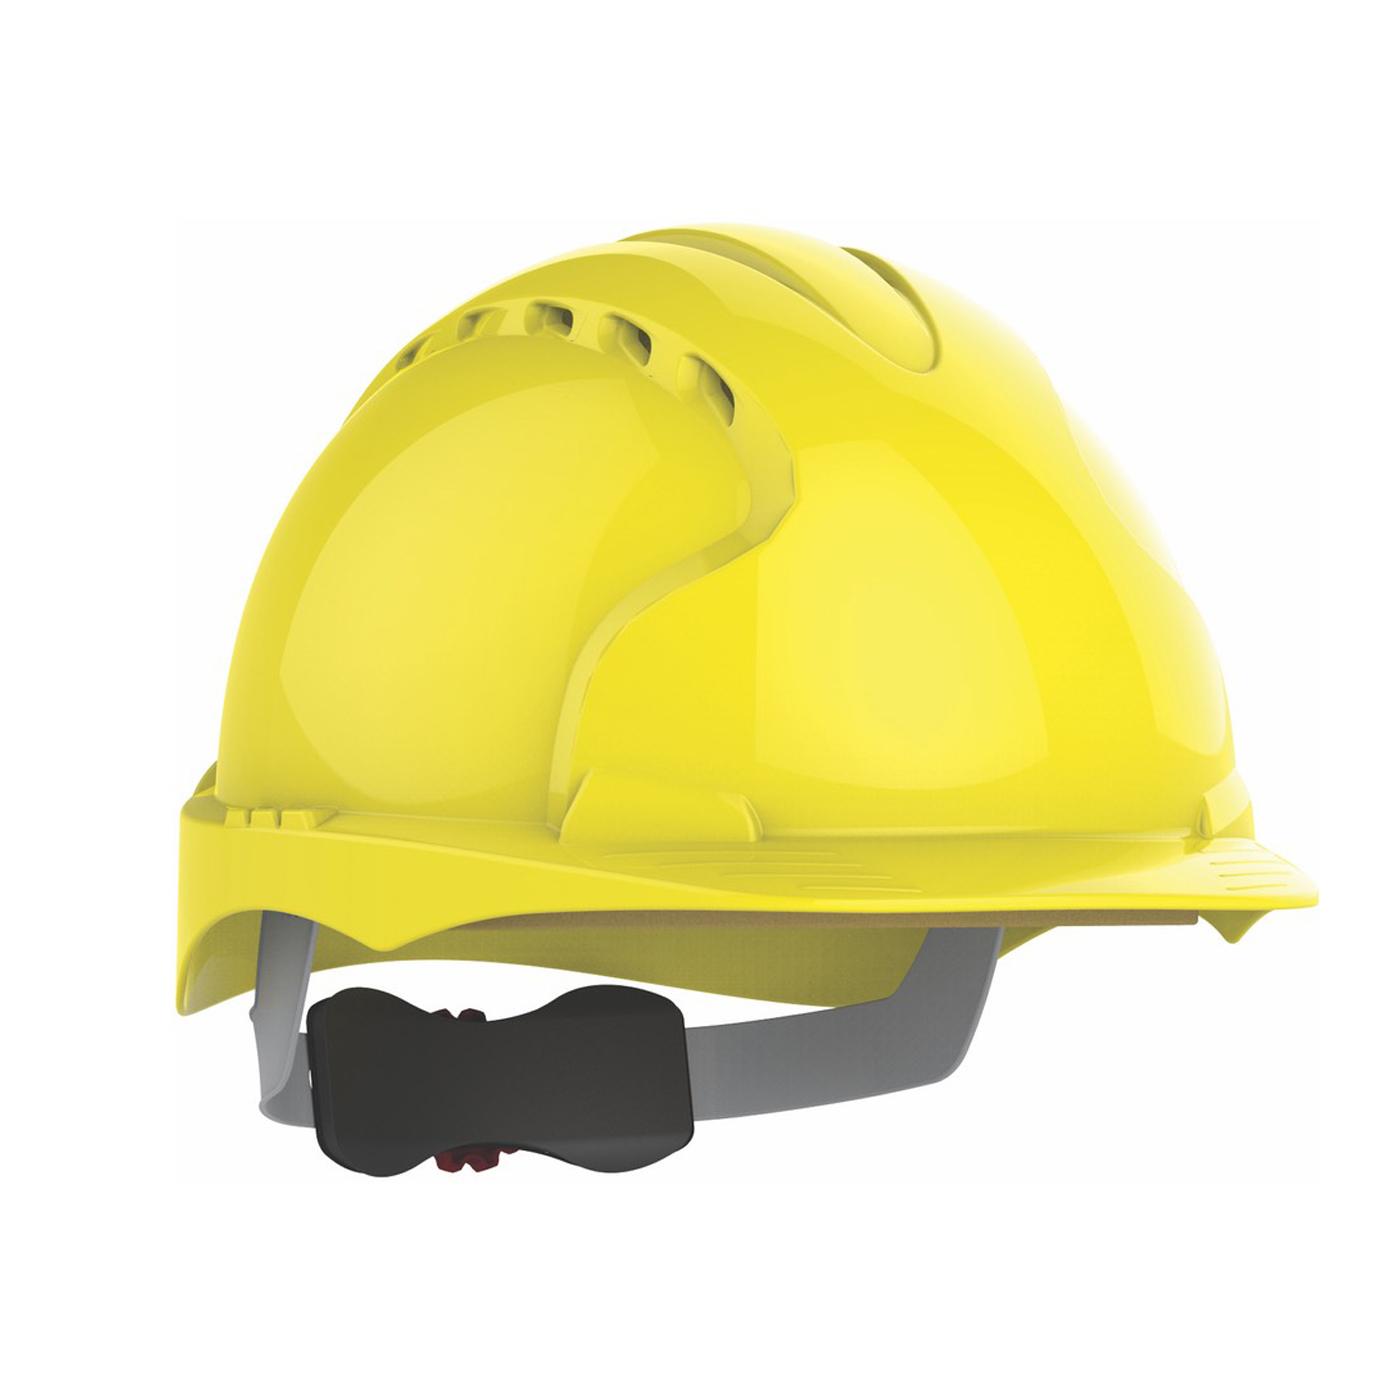 Kask ochronny EVO3 JSP – żółty, wentylowany, średni daszek, regulacja pokrętłem AJF170-000-200